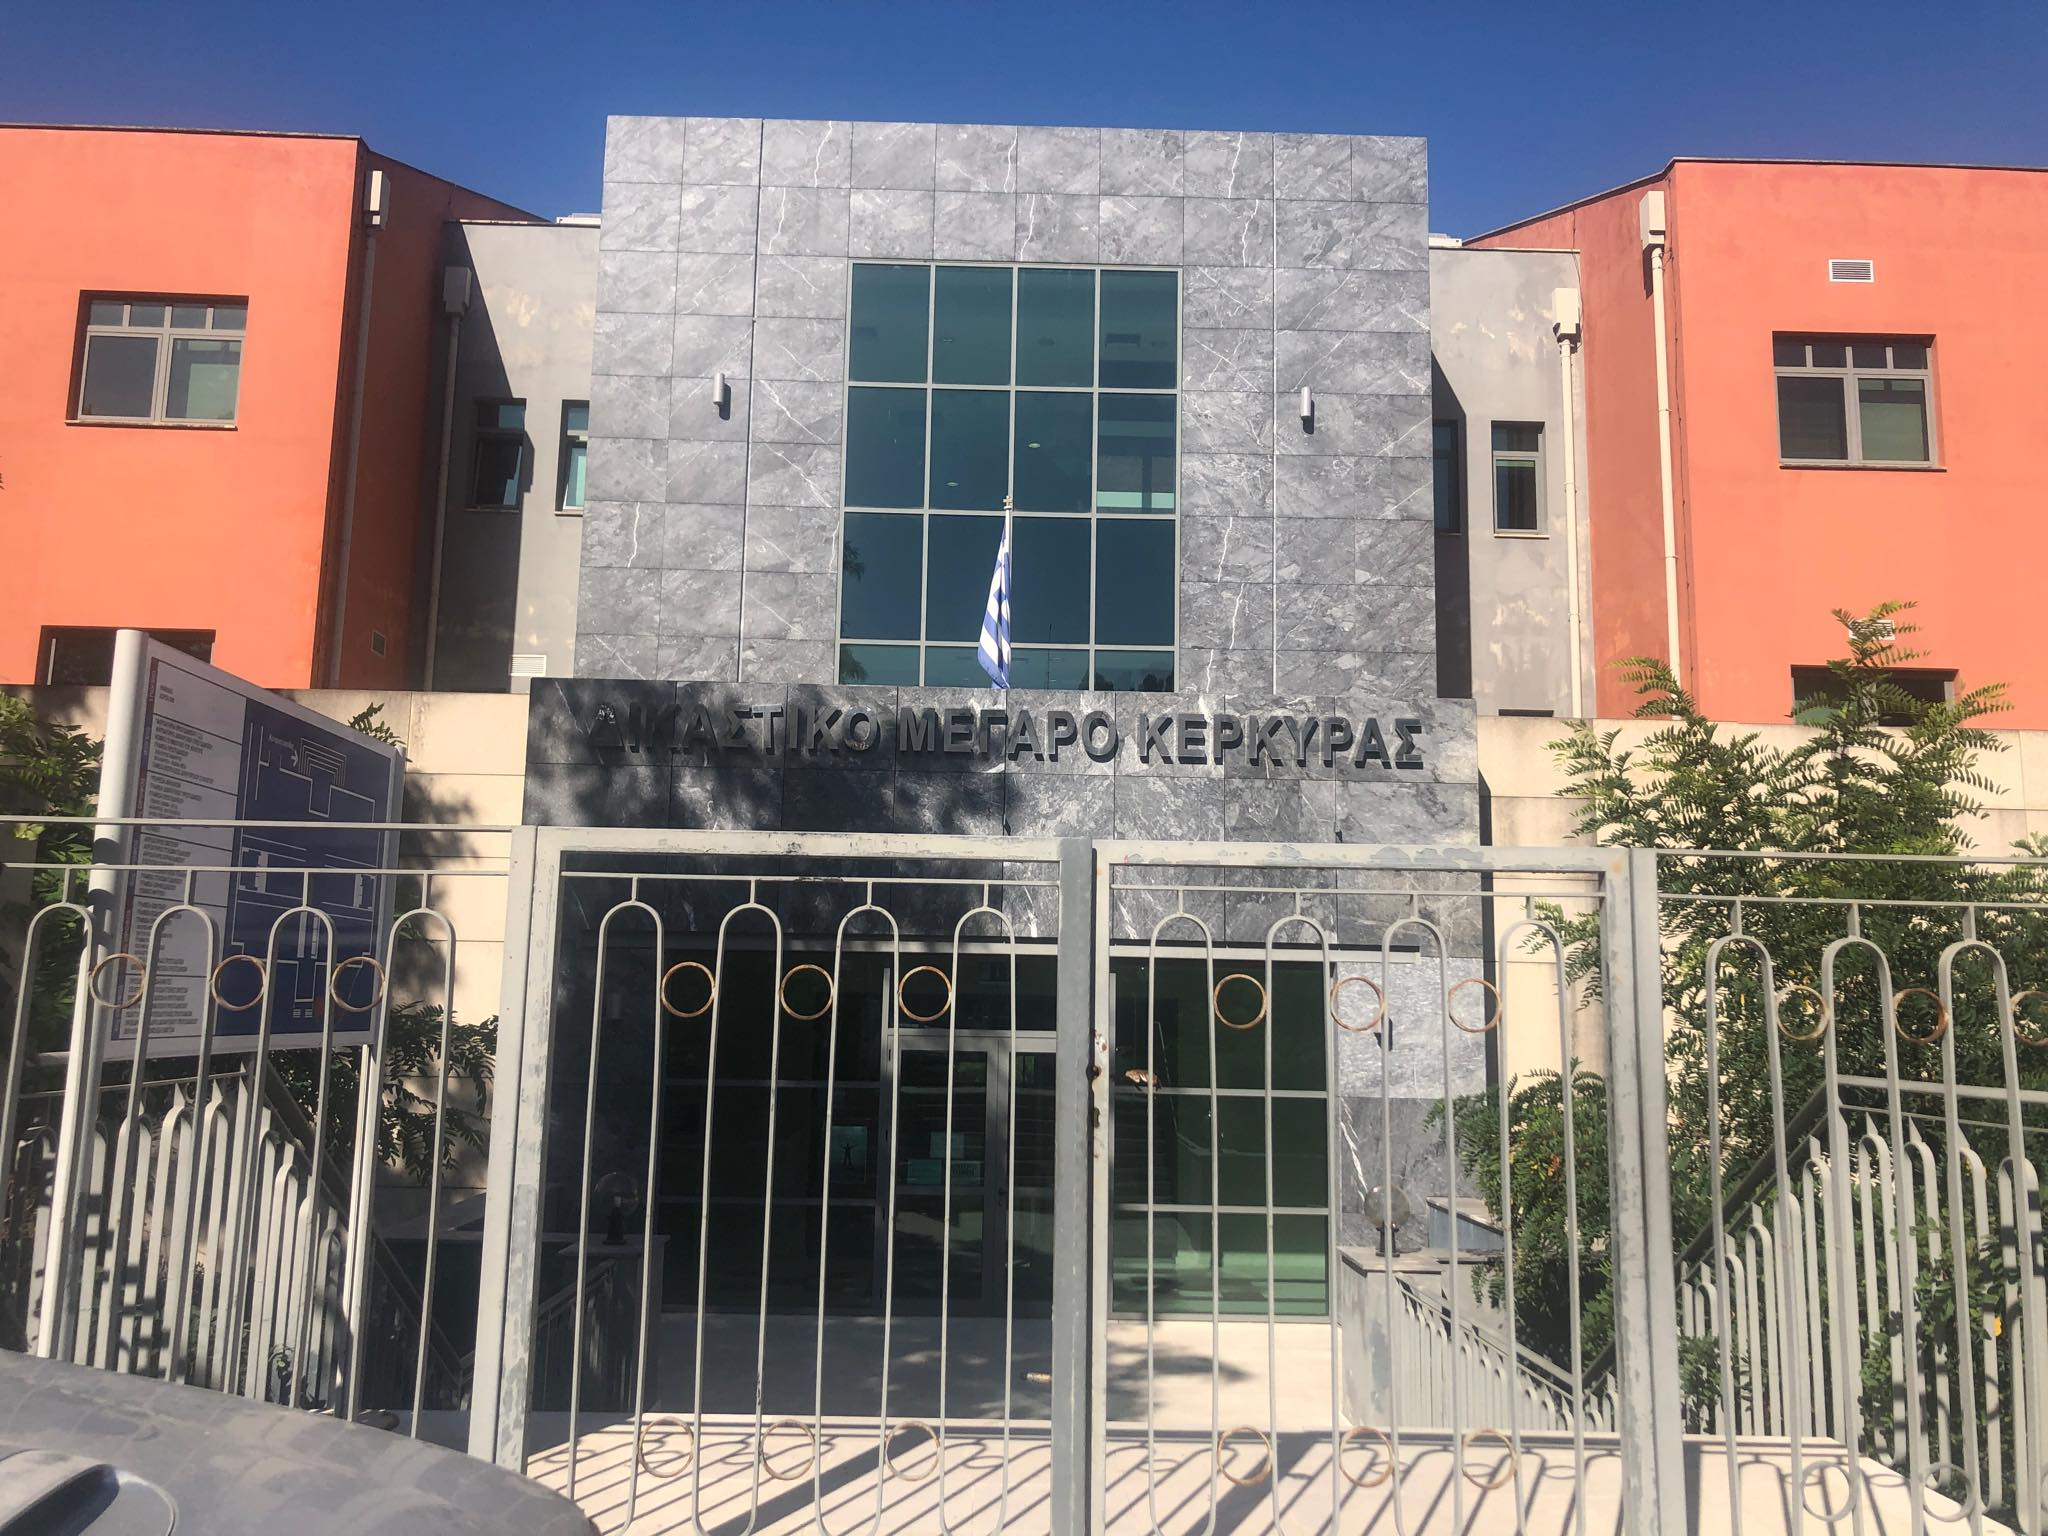 «Βόμβα» παραδικαστικού στην Κέρκυρα: Κλεμμένες από την Εισαγγελία  «τρανταχτές»  δικογραφίες βρέθηκαν πεταμένες σε σπίτι